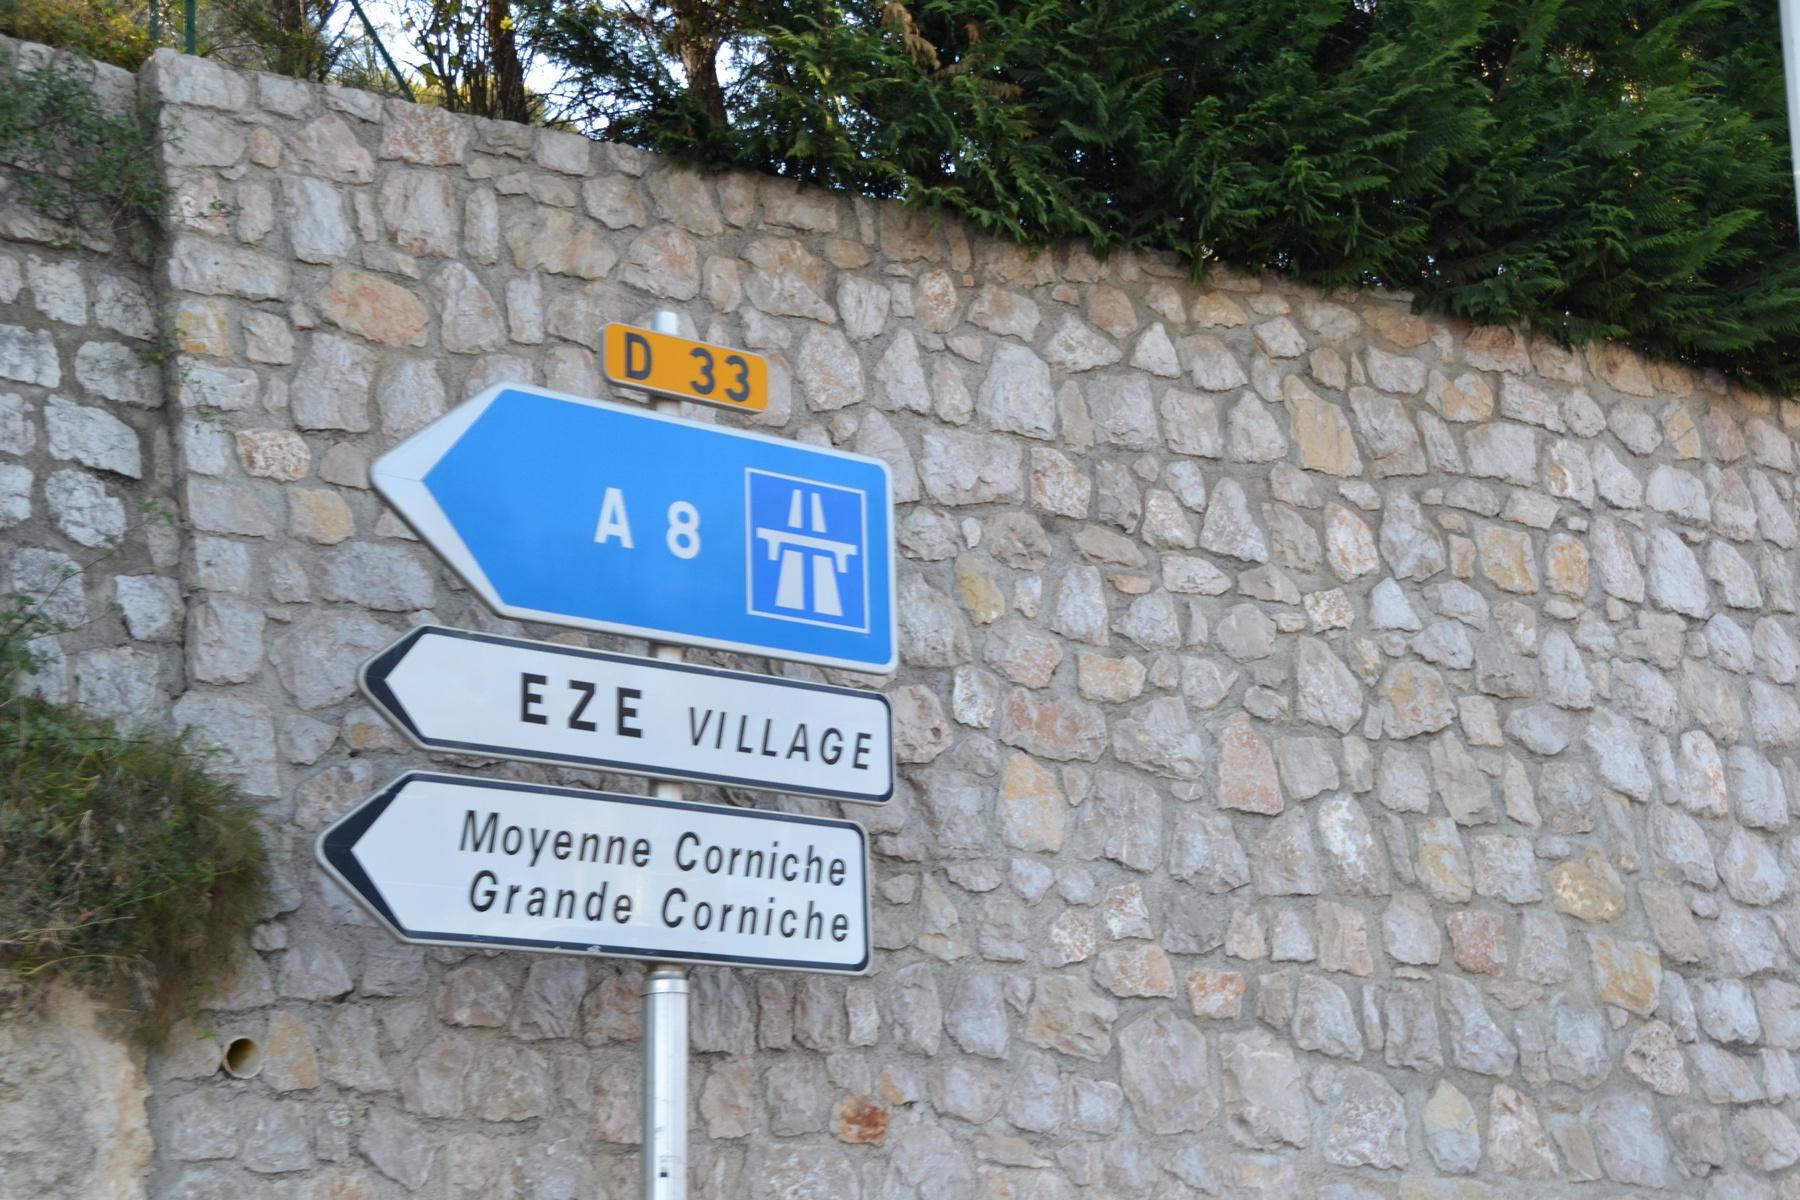 Eze Village Côte d'Azur